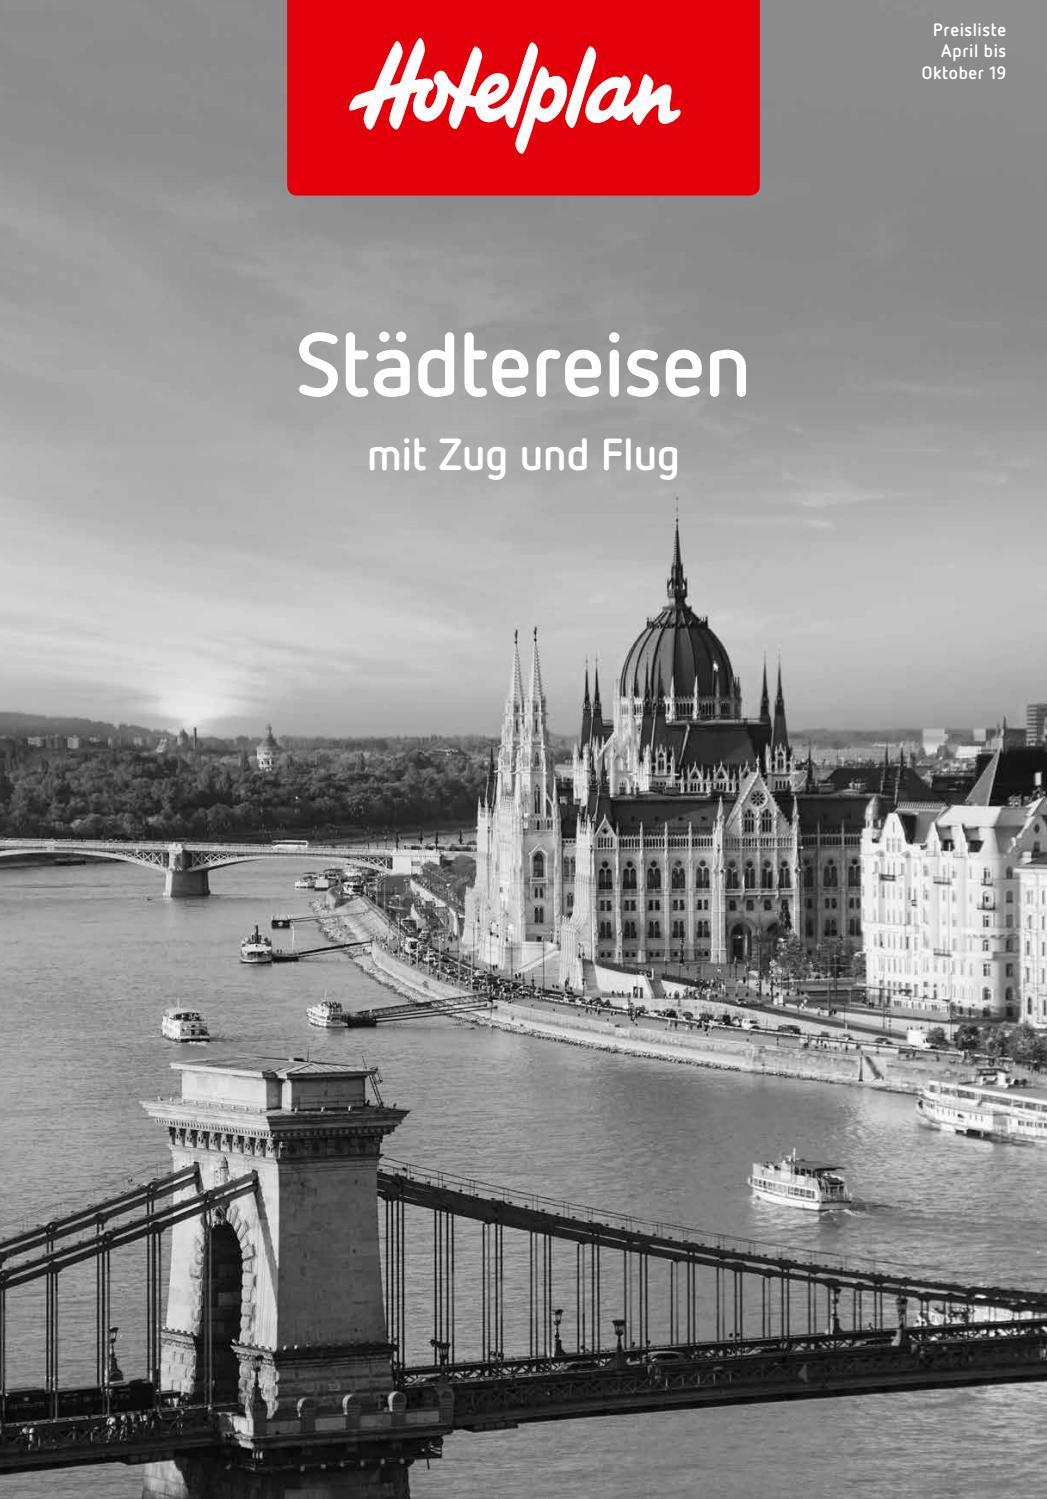 Preisliste hotelplan städtereisen april bis oktober 2019 by hotelplan suisse mtch ag issuu